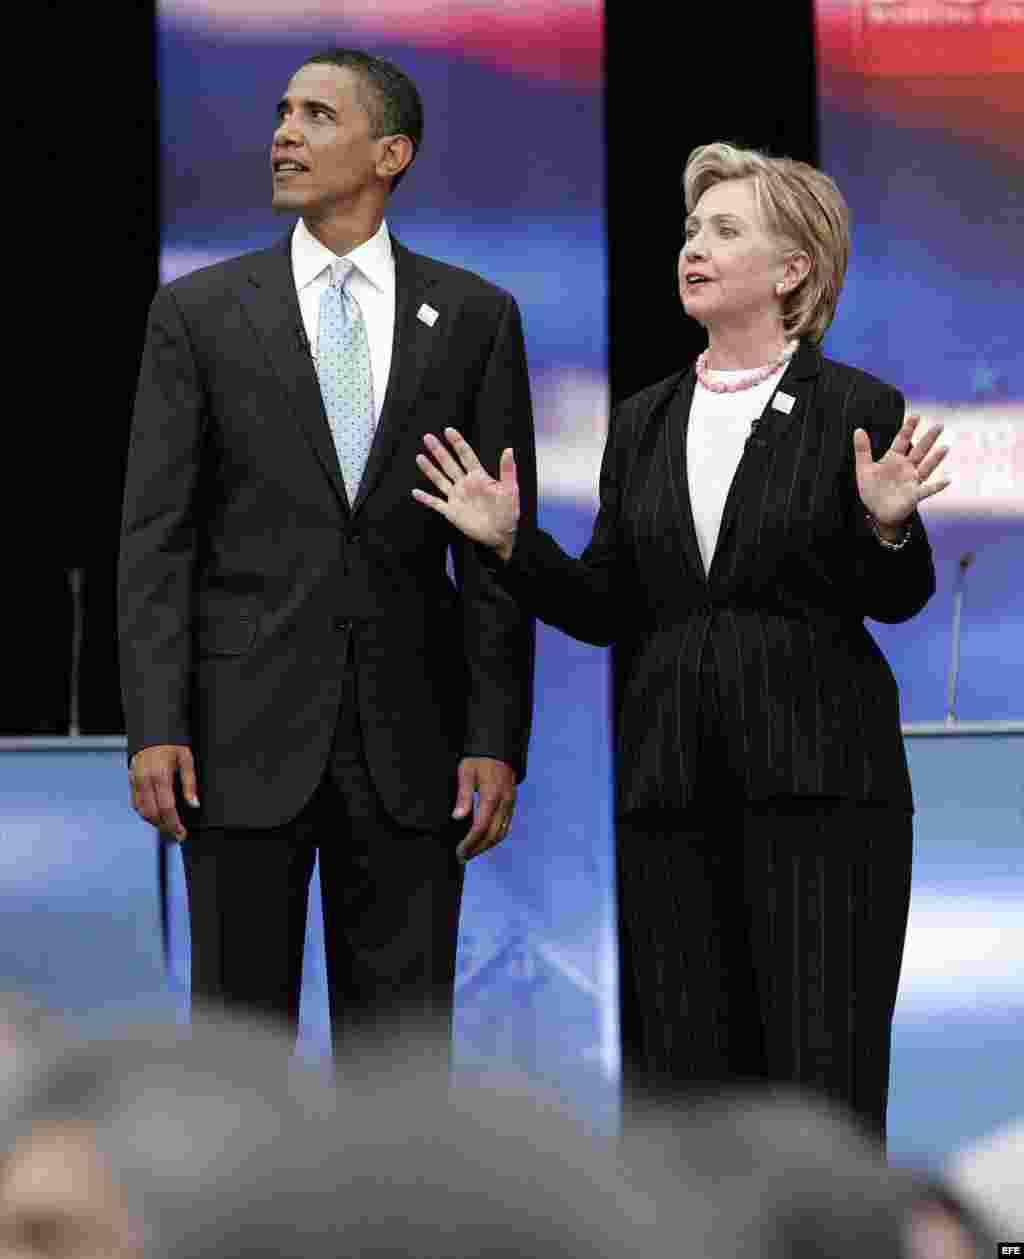 Los precandidatos a la presidencia de EE.UU. para las elecciones de 2008 por el partido Demócrata, los senadores Barack Obama, por Illinois, y Hillary Clinton, por Nueva York, toman un descanso en el Foro de Candidatos Presidenciales que se lleva a cabo h